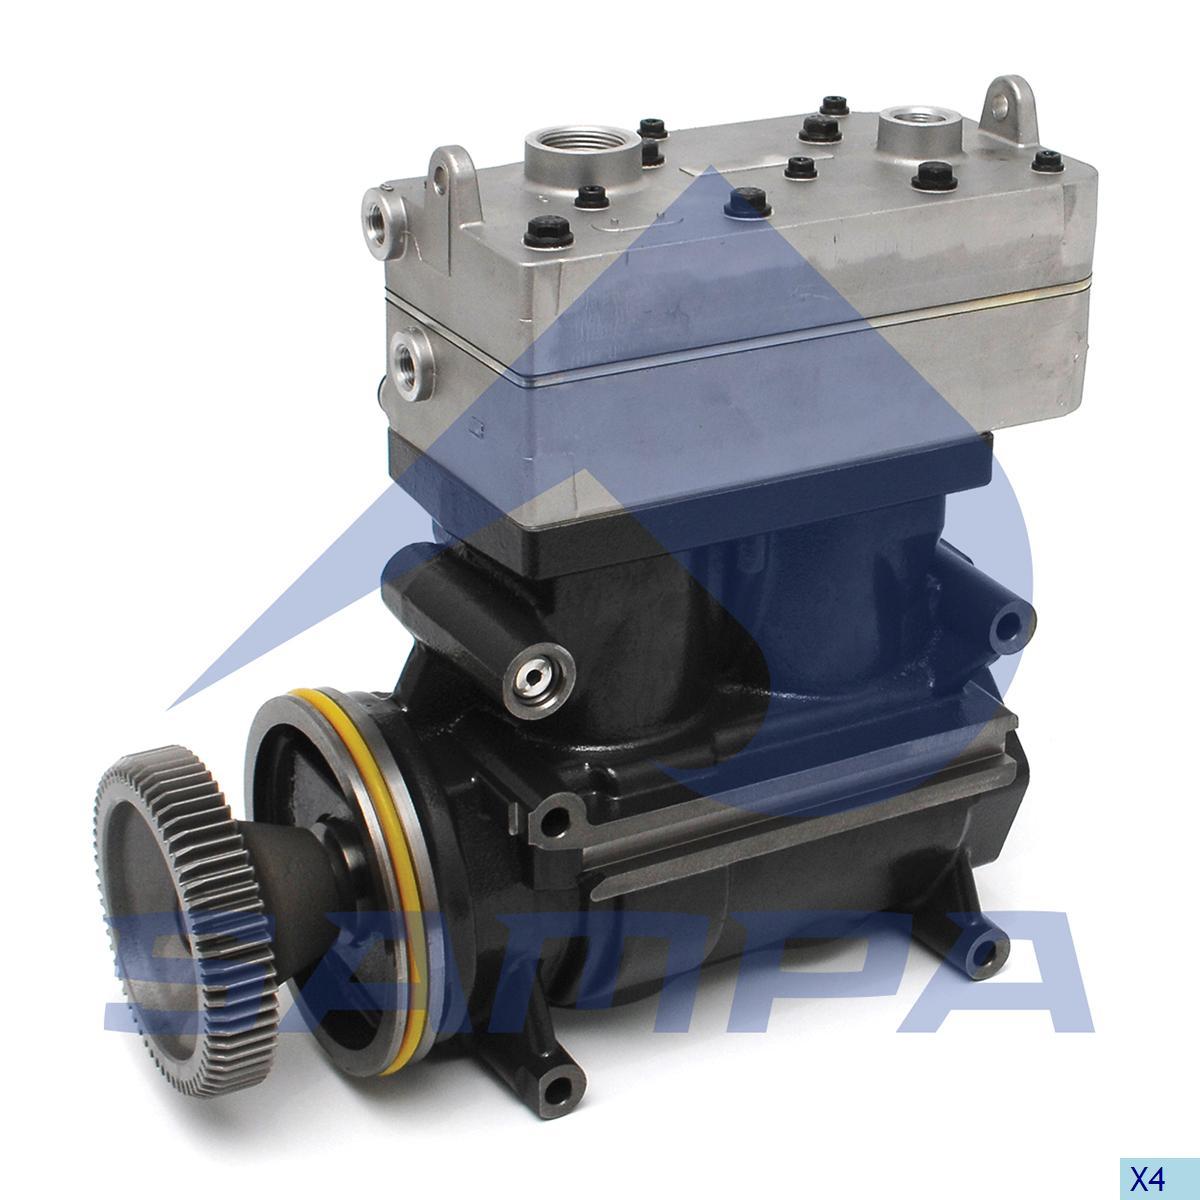 Compressor, Daf, Compressed Air System